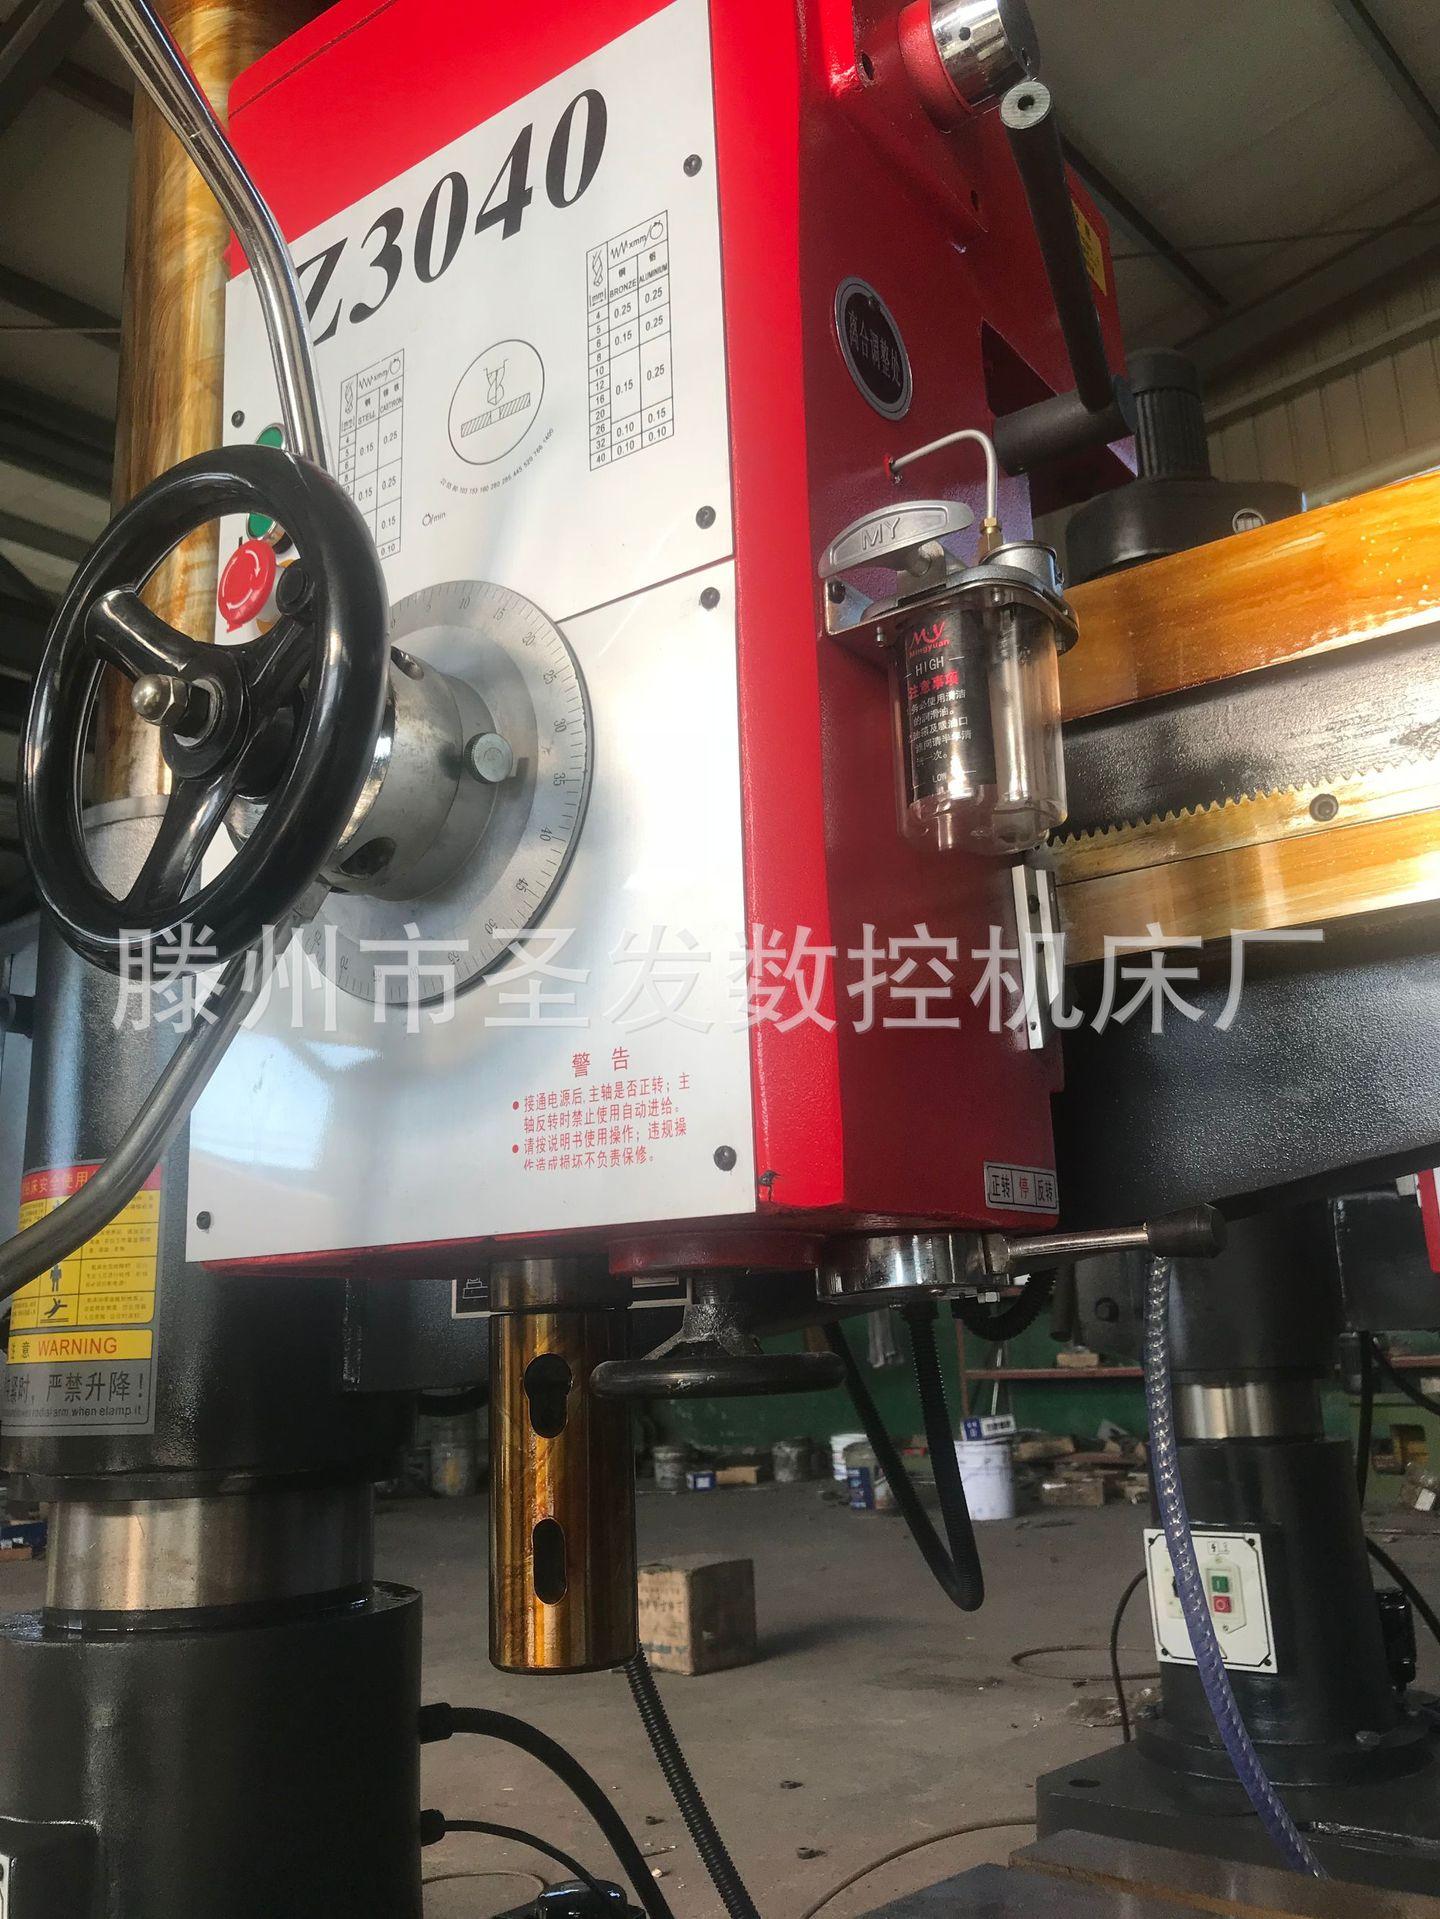 国有单位重型机械摇臂钻床Z3040可以做成液压摇臂钻床机械钻床示例图6